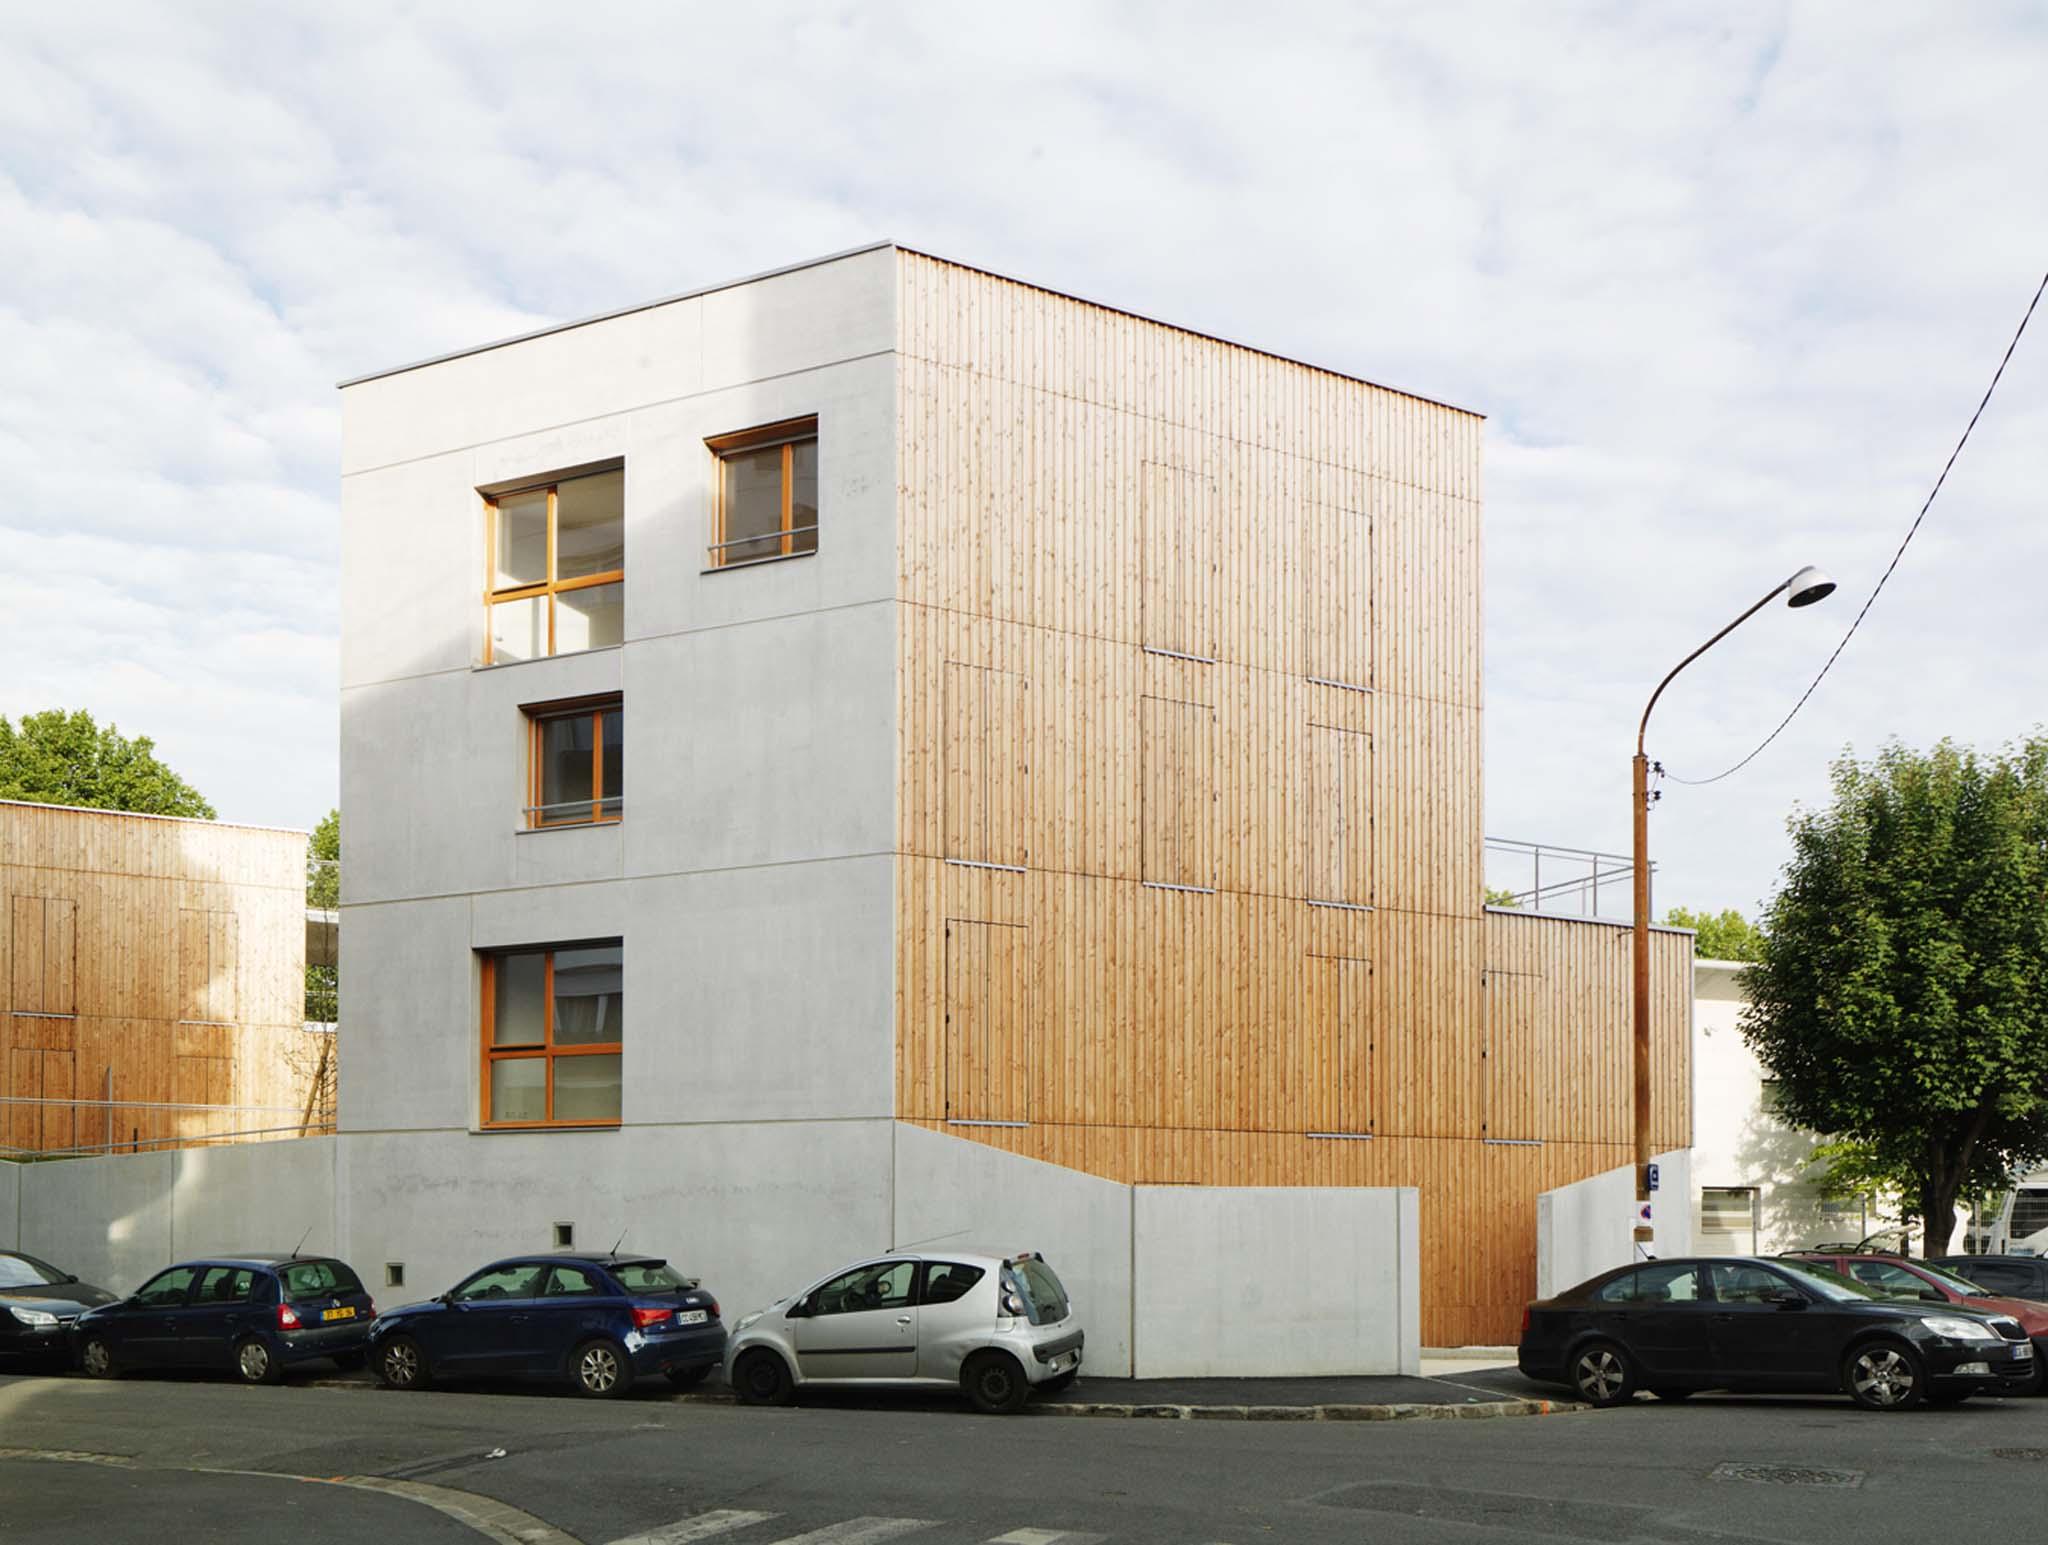 ateliers o-s architectes – 12 logements à alfortville (val-de-marne)